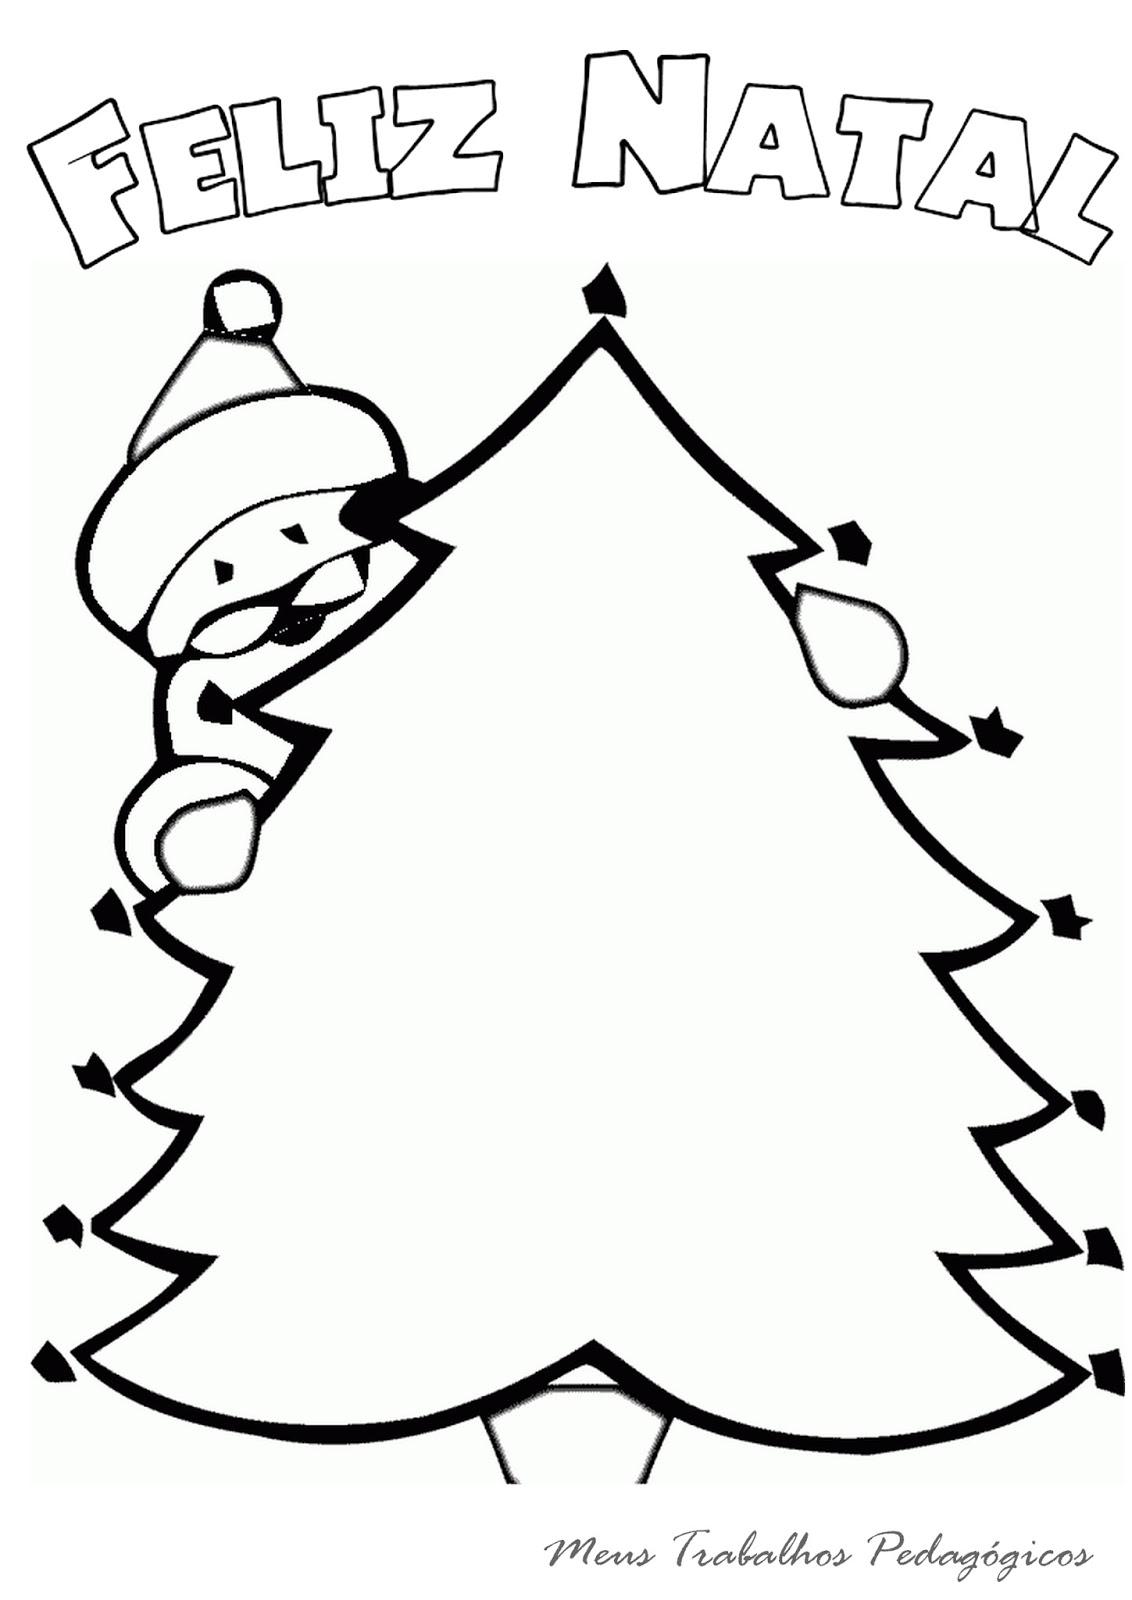 Meus Trabalhos Pedagógicos Desenhos De árvore De Natal Para Colorir